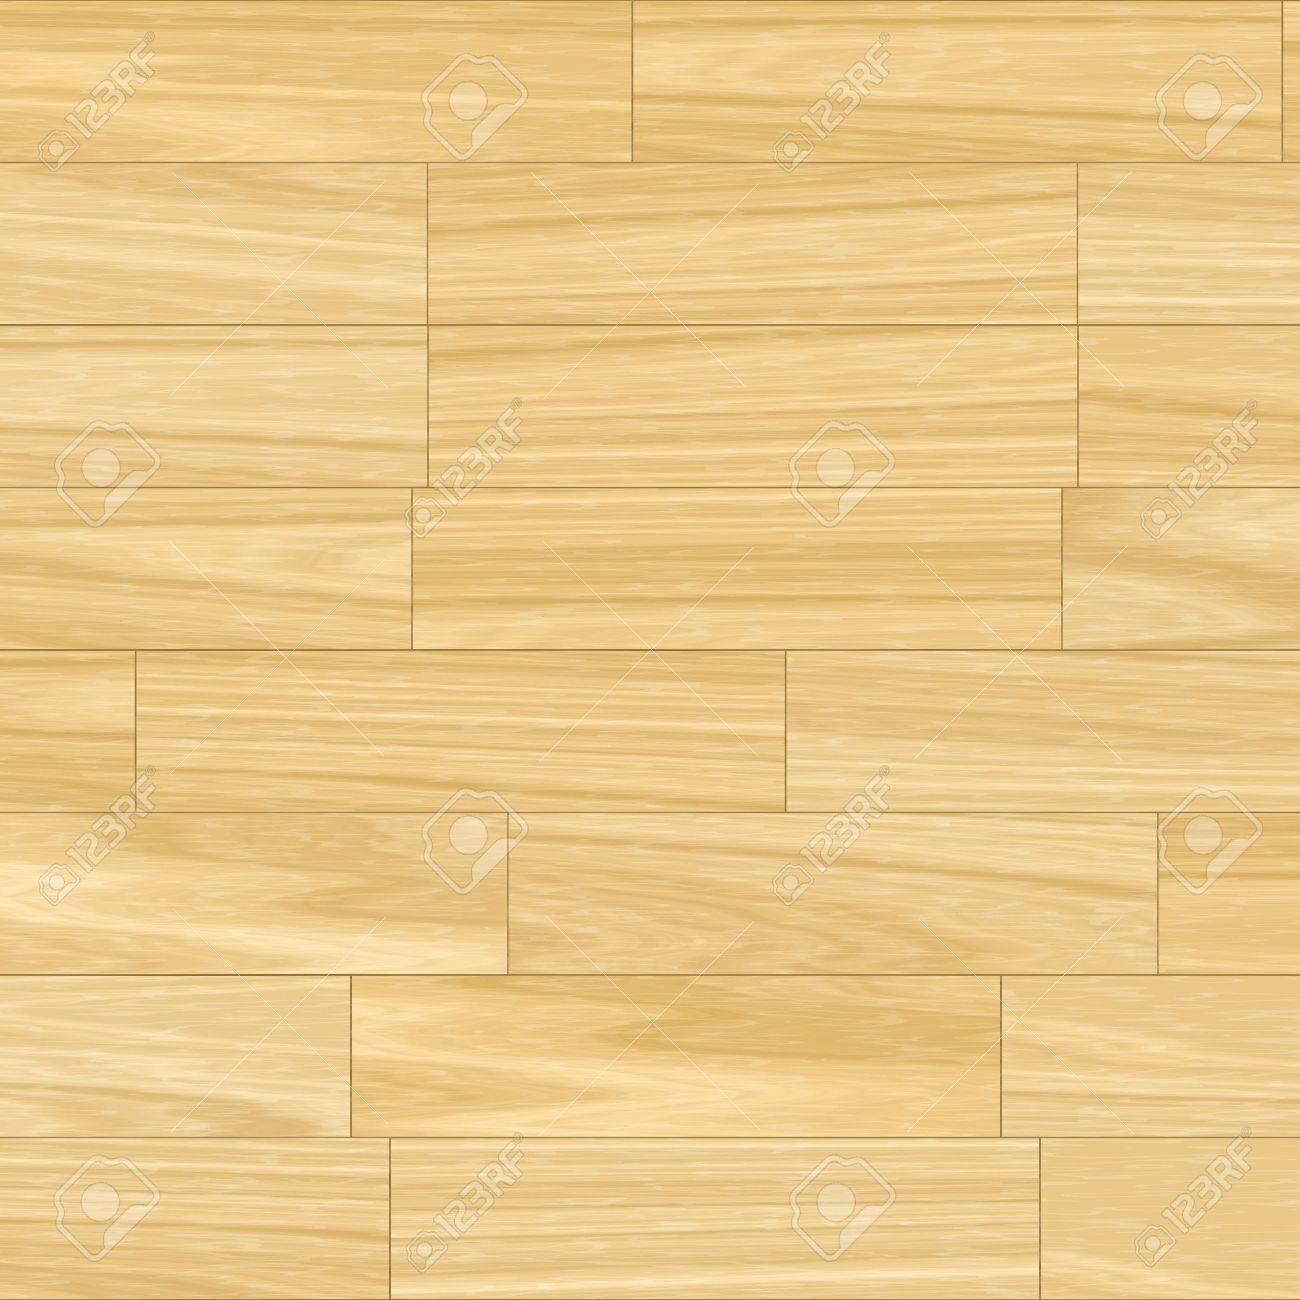 parquet floor Stock Photo - 11900967